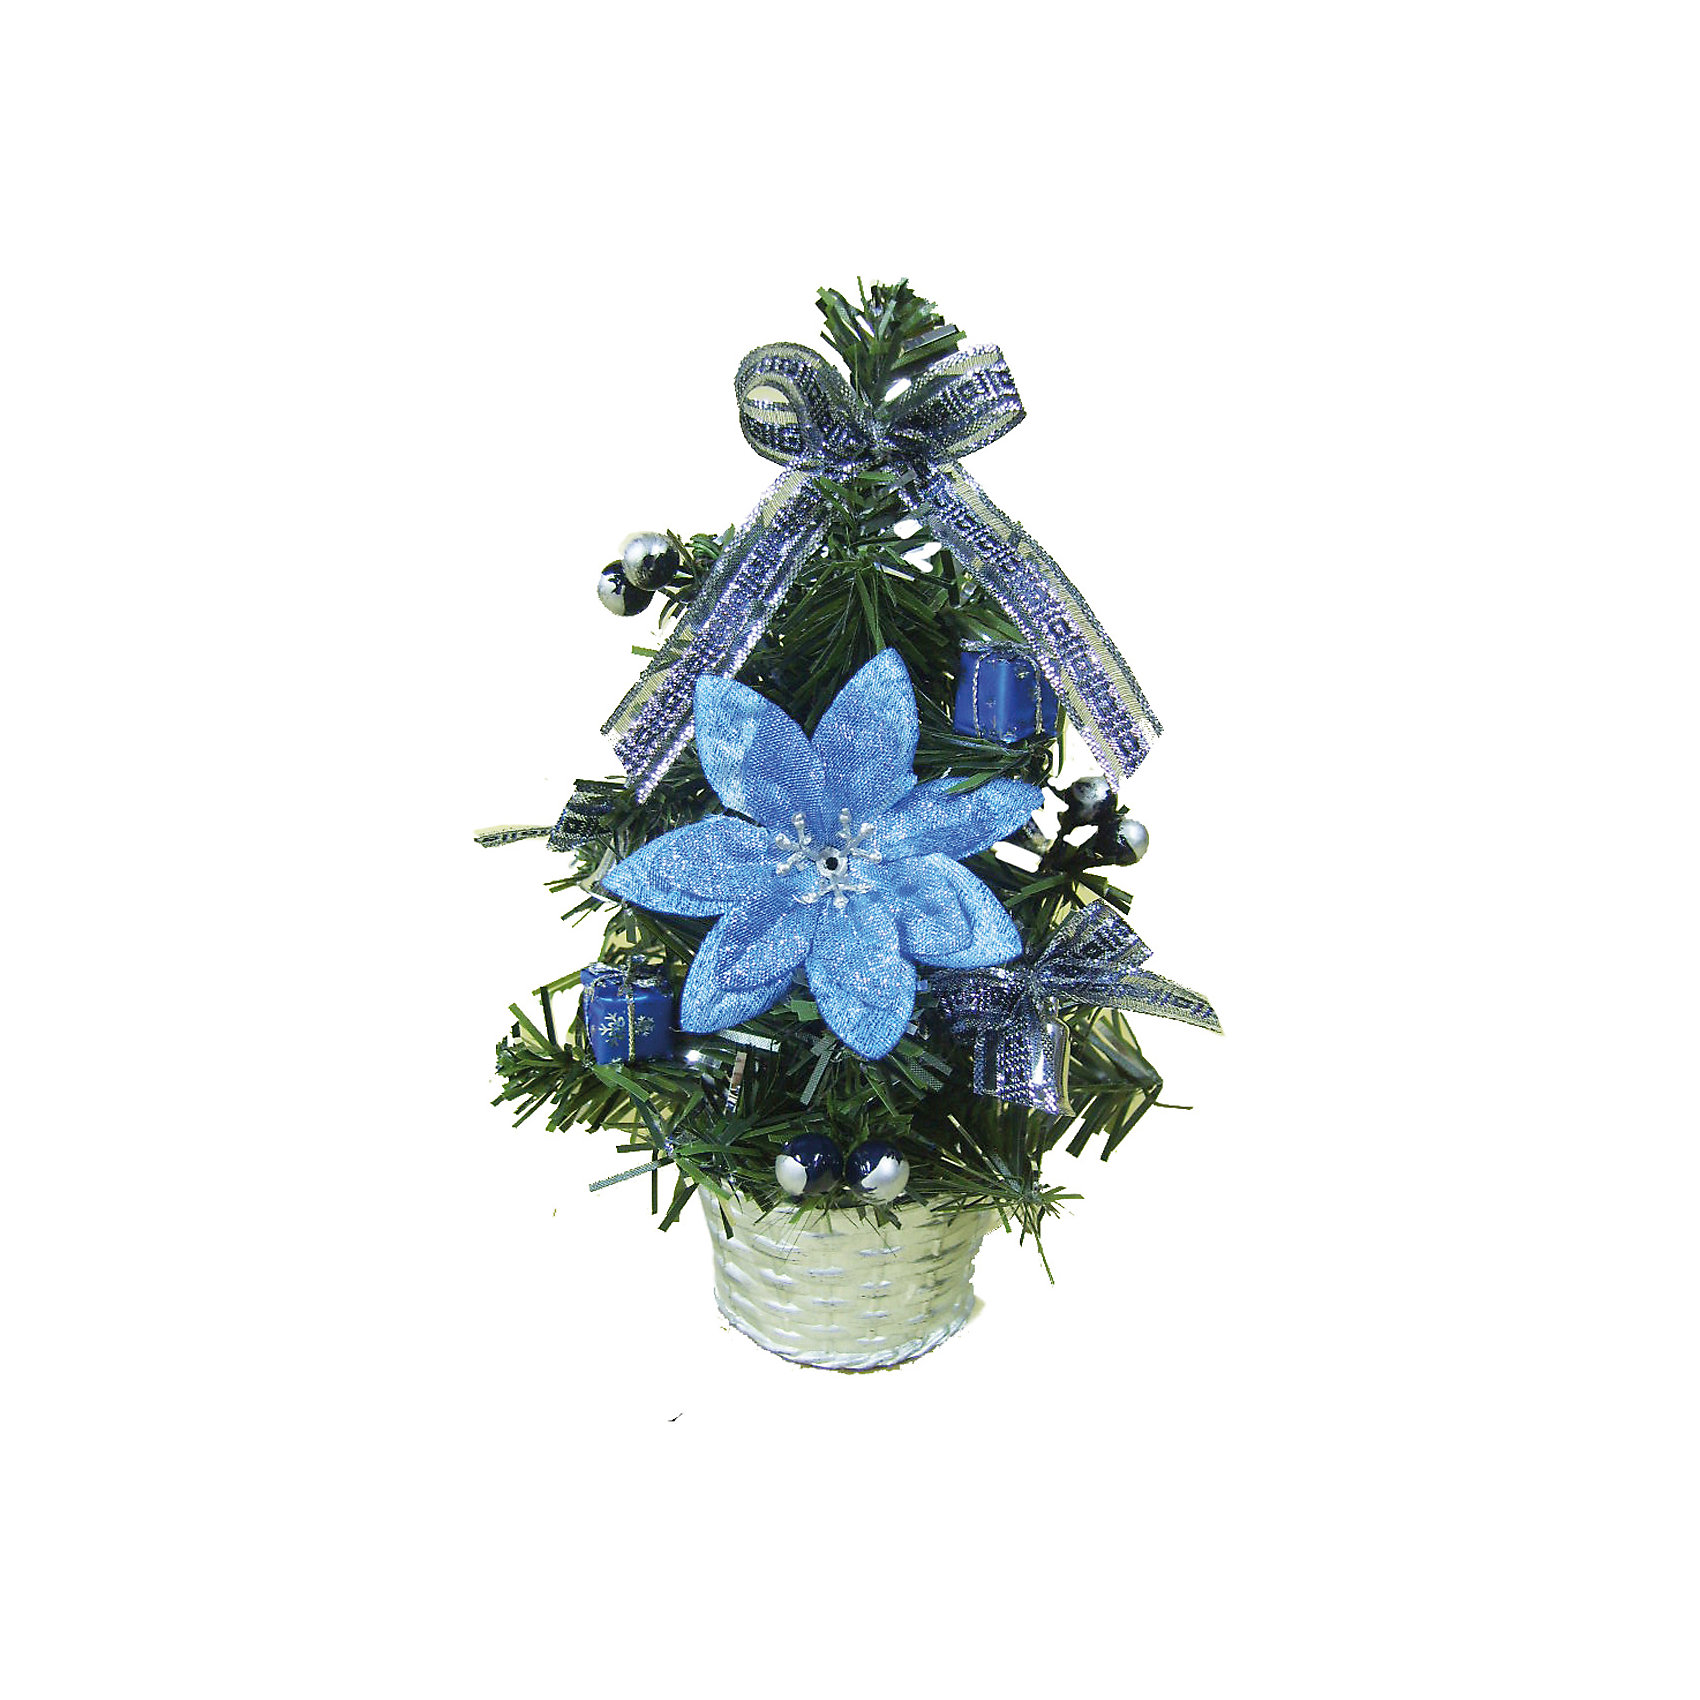 Украшенная ель 20 см, Marko FerenzoВсё для праздника<br>Ель, Marko Ferenzo, станет замечательным украшением Вашего интерьера и приятным сувениром для родных и друзей. Нарядная, миниатюрная елочка порадует и взрослых и детей и создаст волшебную атмосферу новогодних праздников. Елочка имеет подставку в виде горшочка и декорирована большим синим цветком, украшениями в виде подарочных коробочек и серебристыми ленточками  <br><br>Дополнительная информация:<br><br>- Цвет украшений: бирюза, синий, серебро.<br>- Высота ели: 20 см.<br>- Вес: 0,677 кг. <br><br>Украшенная ель 20 см., Marko Ferenzo, можно купить в нашем интернет-магазине.<br><br>Ширина мм: 100<br>Глубина мм: 10<br>Высота мм: 100<br>Вес г: 677<br>Возраст от месяцев: 36<br>Возраст до месяцев: 2147483647<br>Пол: Унисекс<br>Возраст: Детский<br>SKU: 4418891